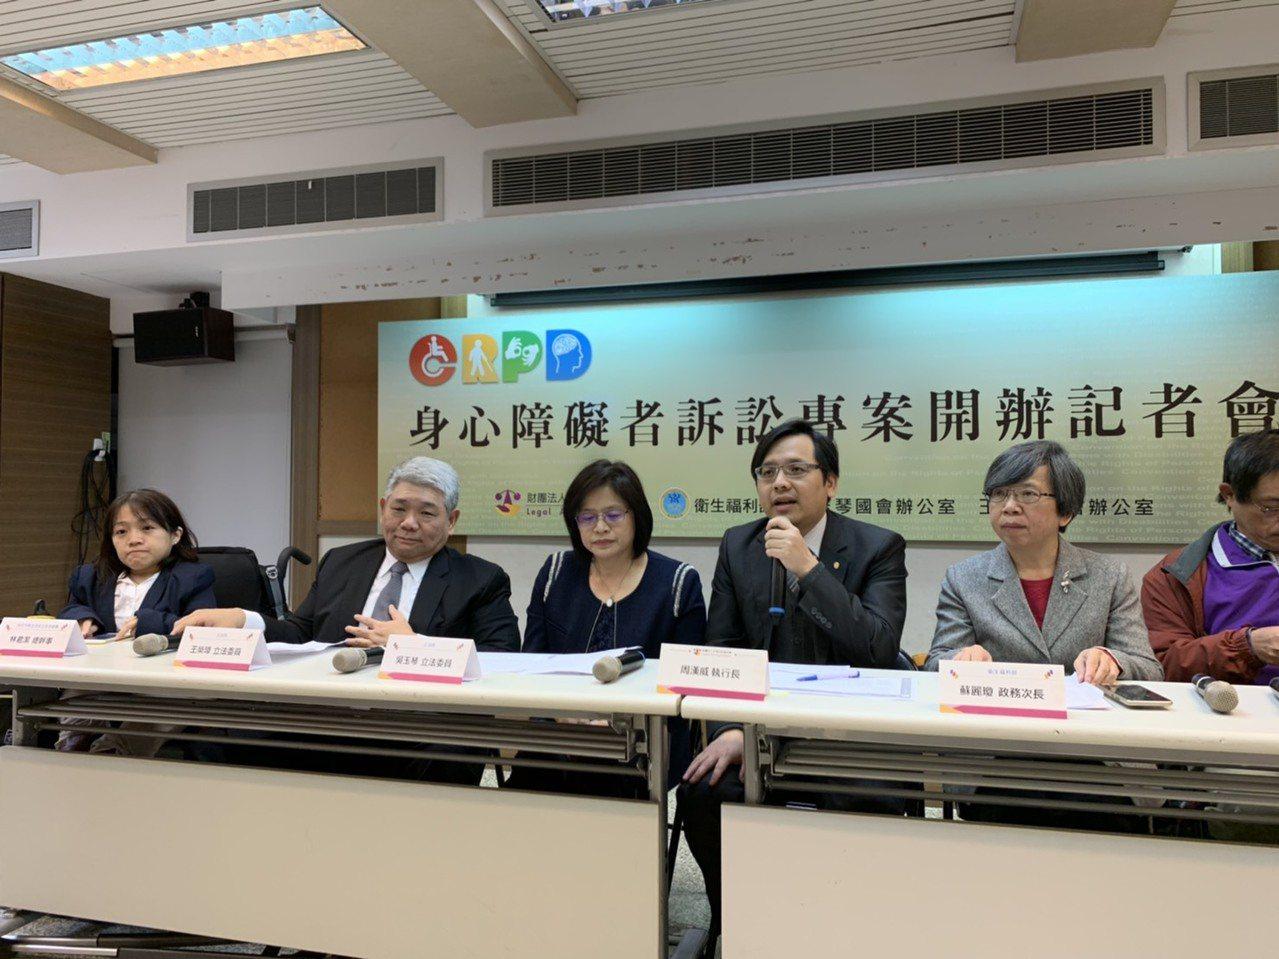 法律扶助基金會今上午舉辦「身心障礙者訴訟專案」開辦記者會。記者賴佩璇/攝影